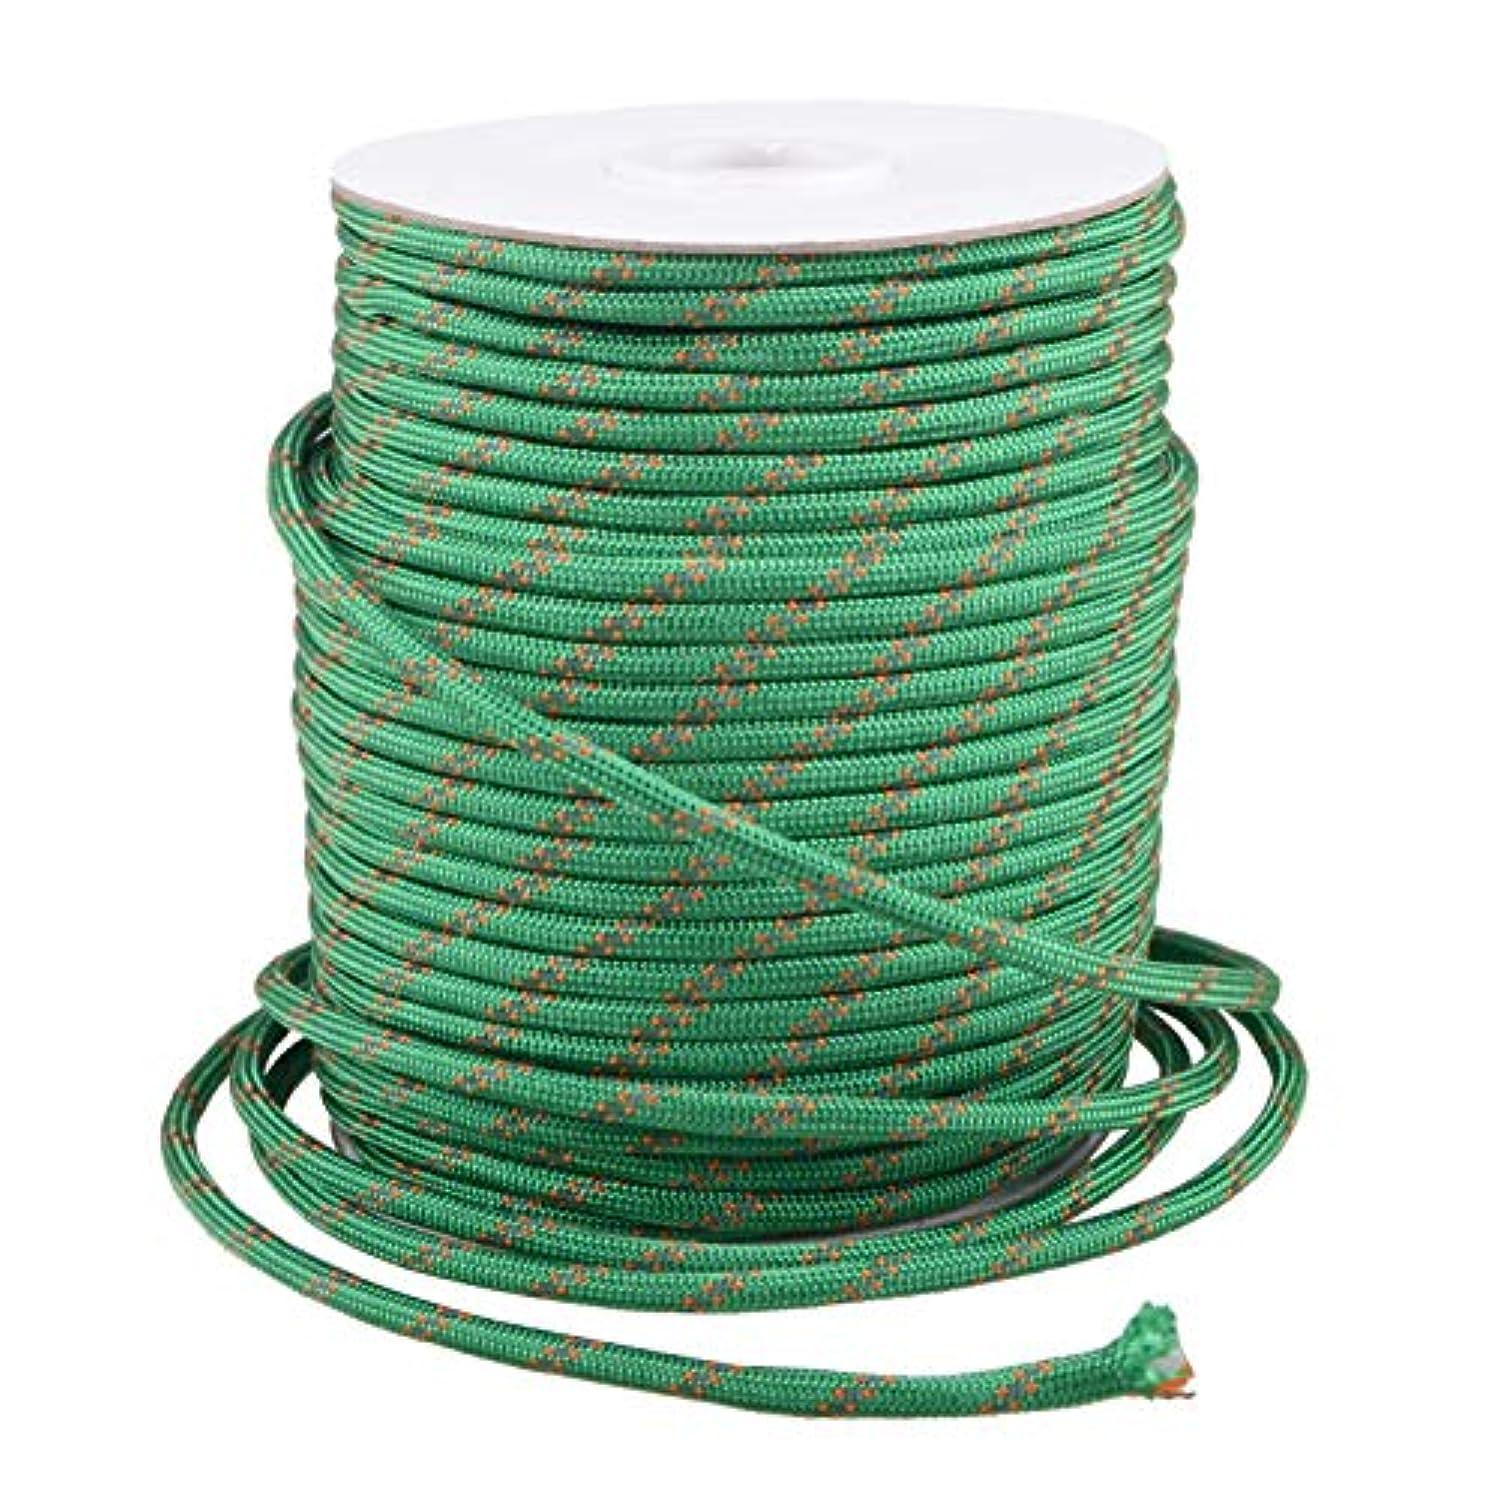 販売員意識マザーランドTRIWONDER パラコード 反射材入り 4mm 50m テント タープ ロープ ガイライン ガイロープ キャンプ サバイバル アウトドア用 パラシュートコード